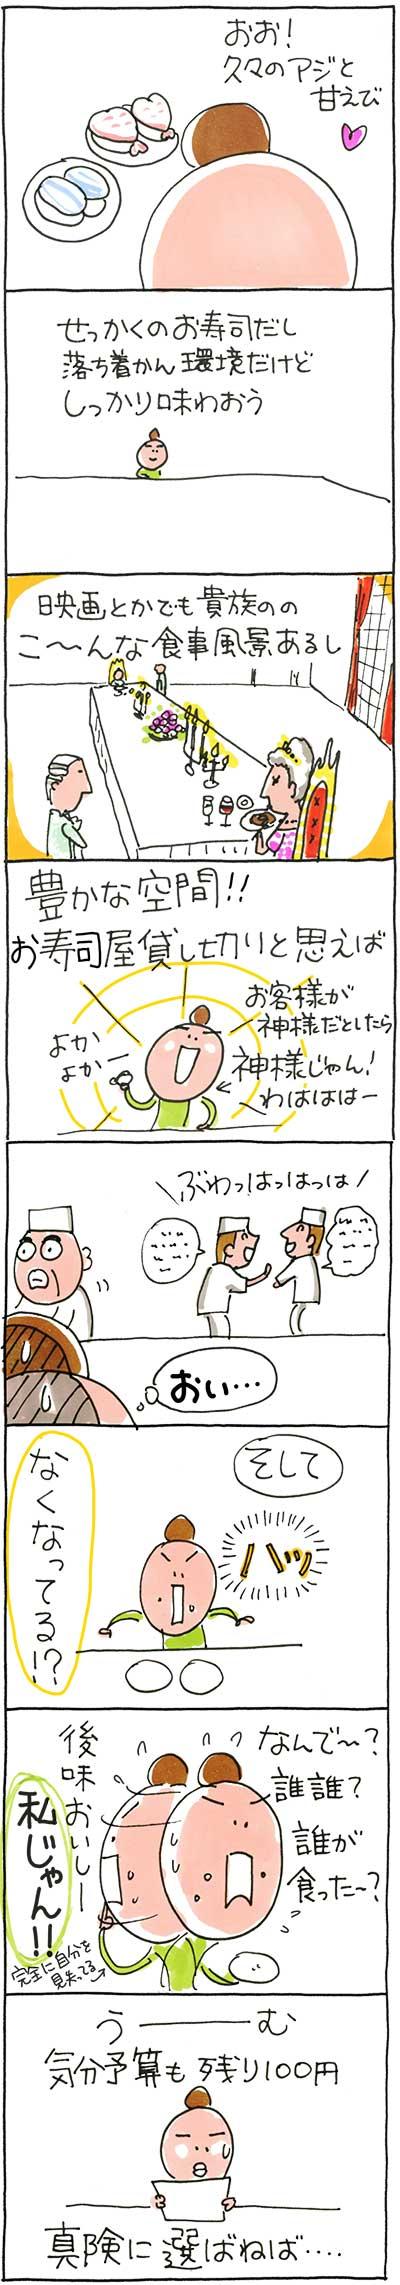 160118寿司その3